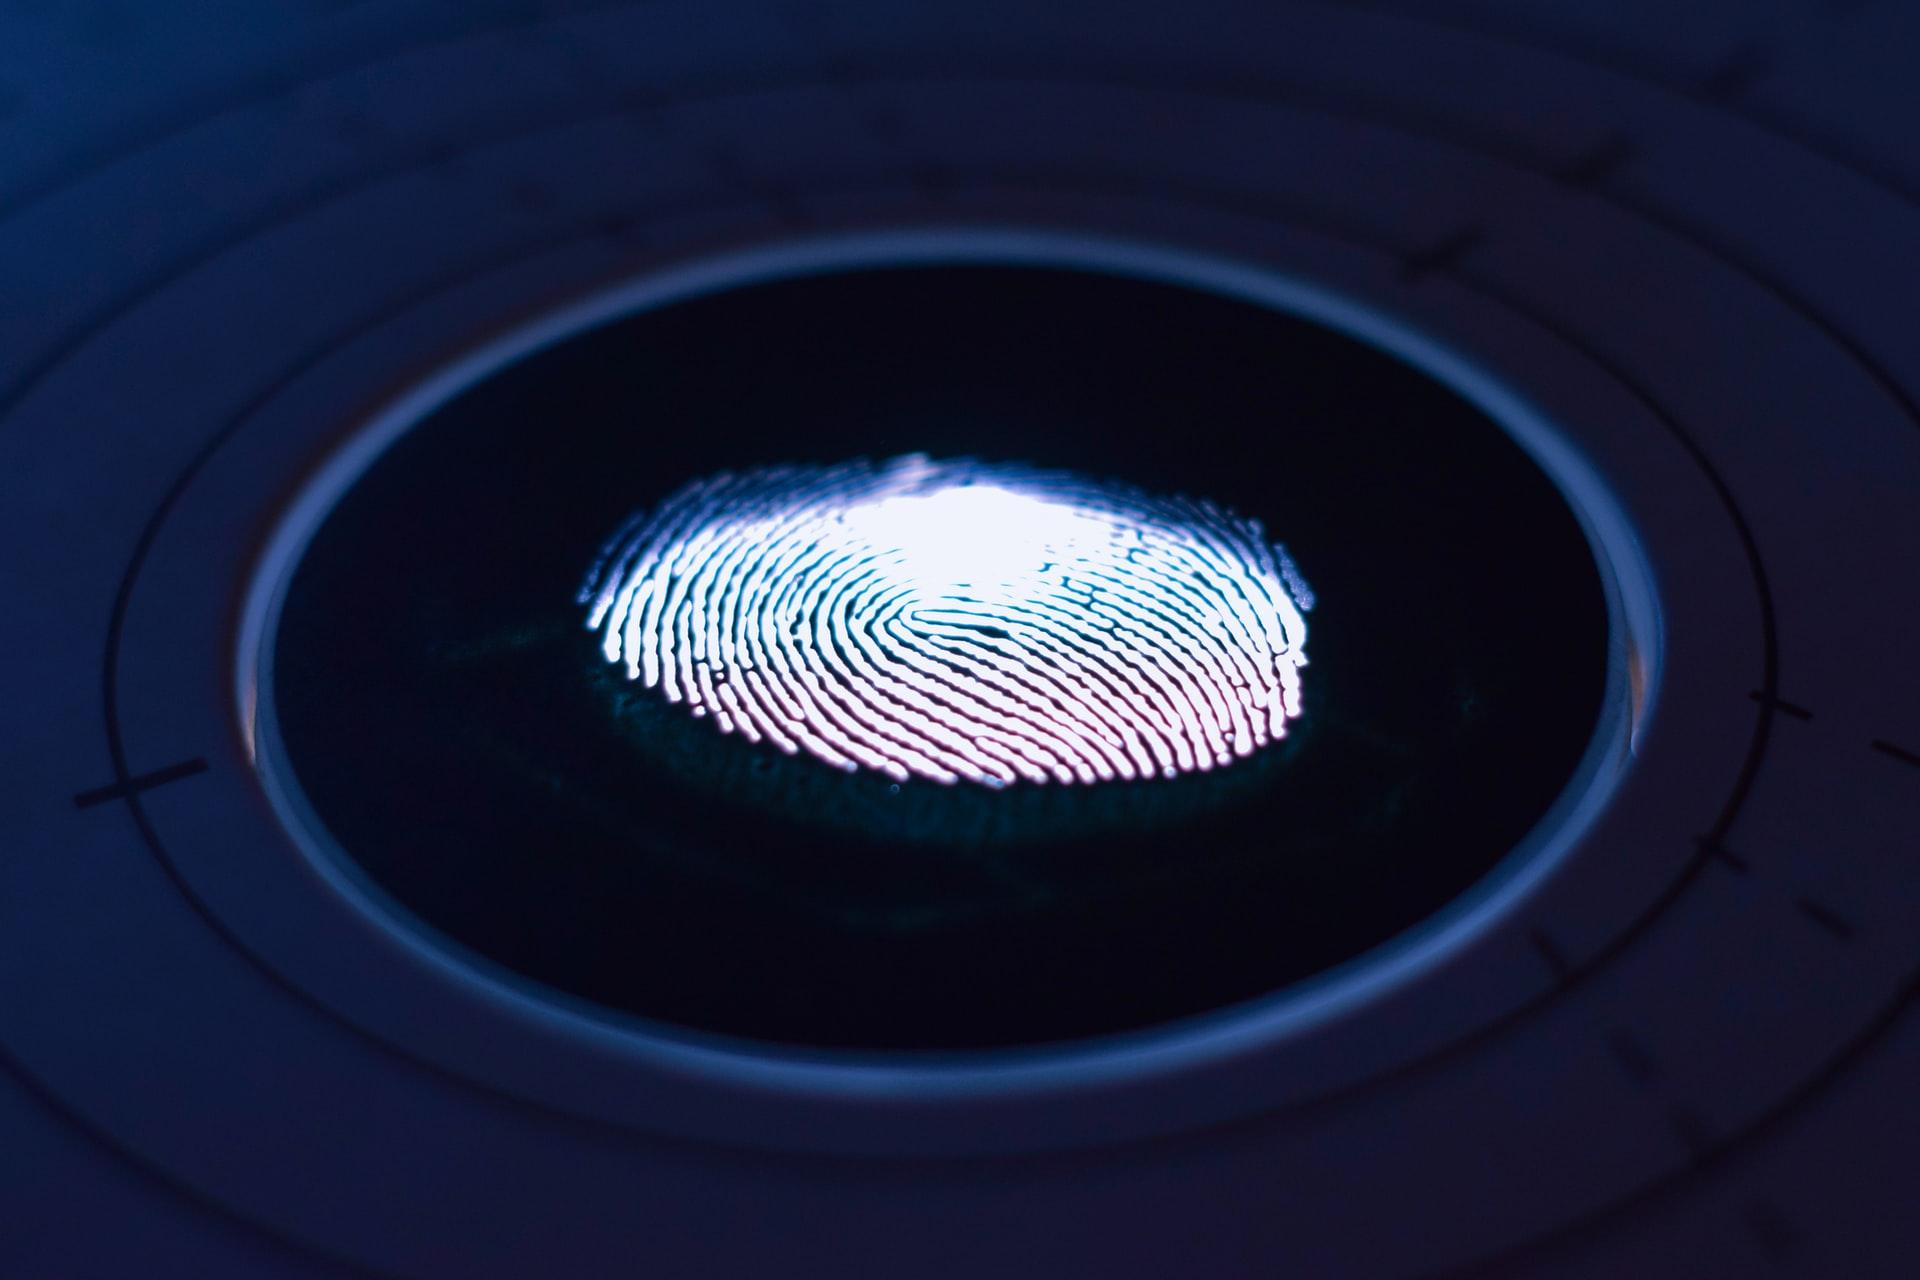 指紋のイメージ画像